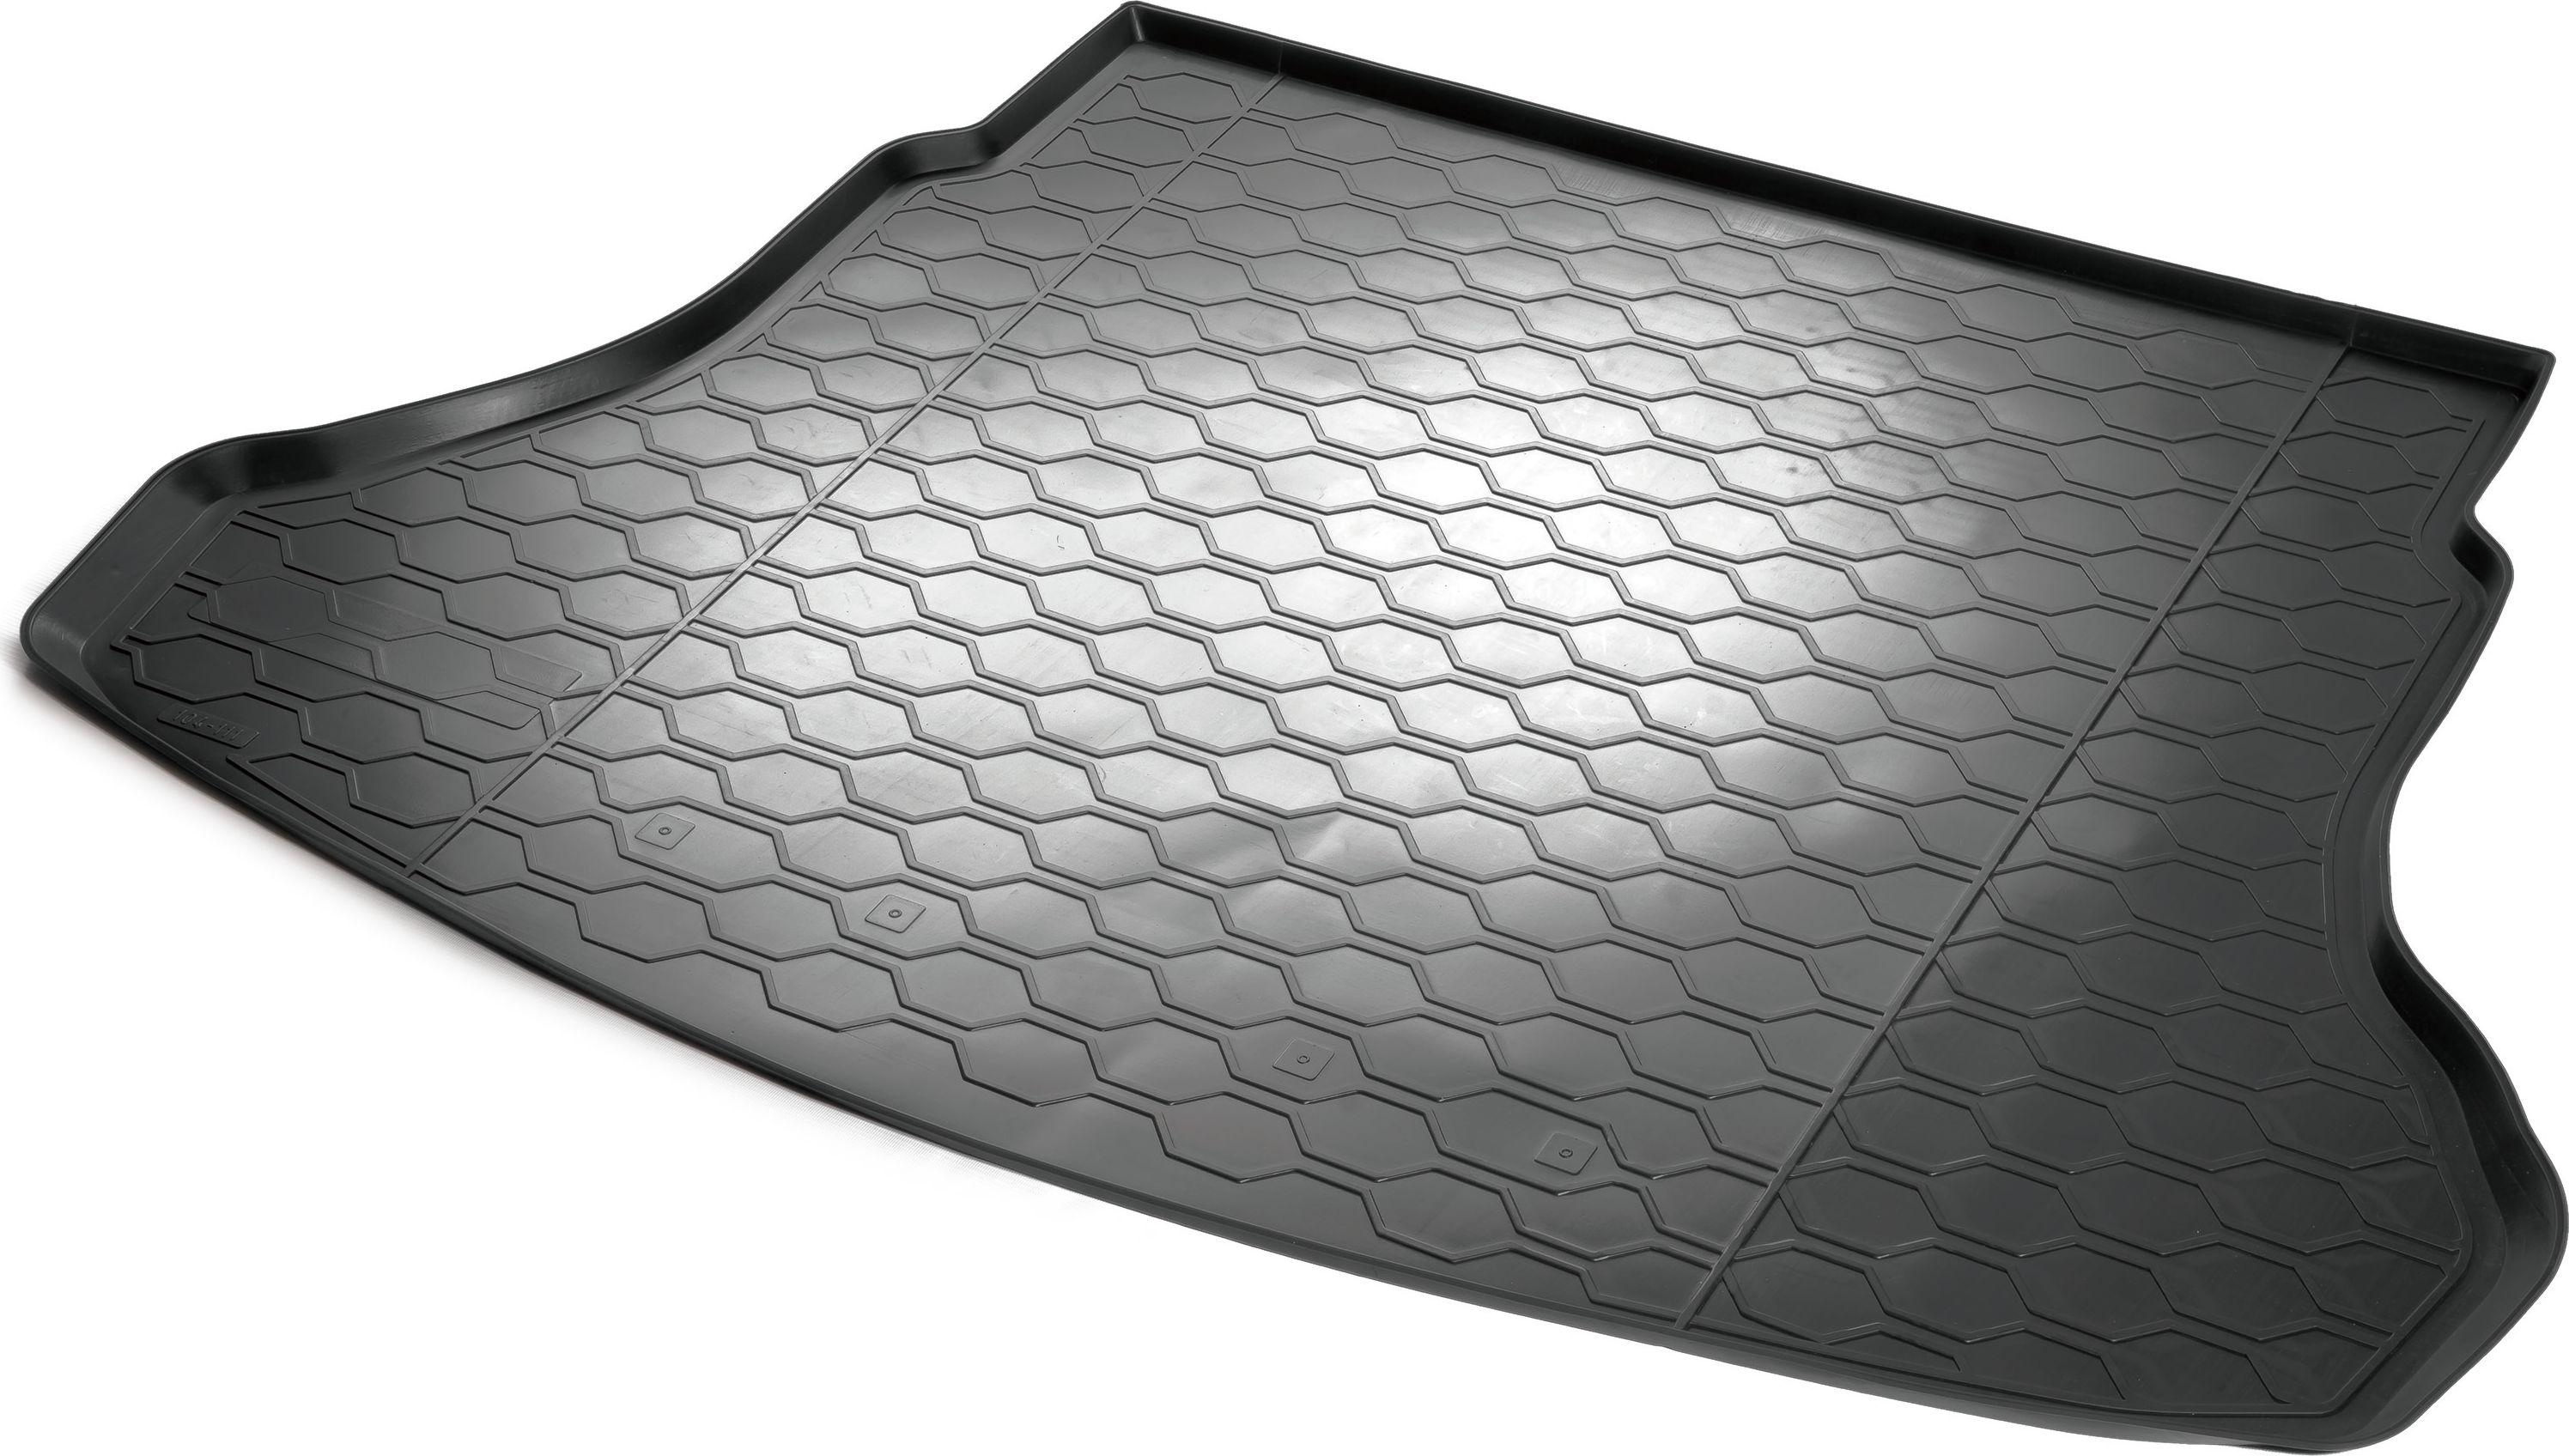 Коврик багажника Rival для Hyundai Solaris (SD) 2017-/Kia Rio 2017-, полиуретан21395598Коврик багажника Rival позволяет надежно защитить и сохранить от грязи багажный отсек вашего автомобиля на протяжении всего срока эксплуатации, полностью повторяют геометрию багажника.- Высокий борт специальной конструкции препятствует попаданию разлившейся жидкости и грязи на внутреннюю отделку.- Произведены из первичных материалов, в результате чего отсутствует неприятный запах в салоне автомобиля.- Рисунок обеспечивает противоскользящую поверхность, благодаря которой перевозимые предметы не перекатываются в багажном отделении, а остаются на своих местах.- Высокая эластичность, можно беспрепятственно эксплуатировать при температуре от -45 ?C до +45 ?C.- Изготовлены из высококачественного и экологичного материала, не подверженного воздействию кислот, щелочей и нефтепродуктов. Уважаемые клиенты!Обращаем ваше внимание,что коврик имеет формусоответствующую модели данного автомобиля. Фото служит для визуального восприятия товара.